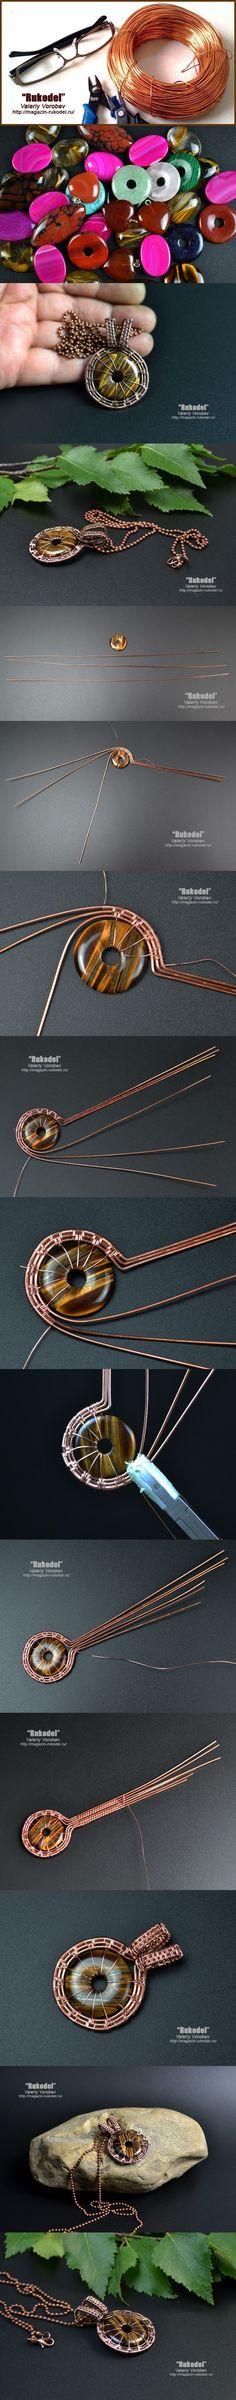 Wire wrap tutorial - Wire Wrap Pendant #wirejewelry